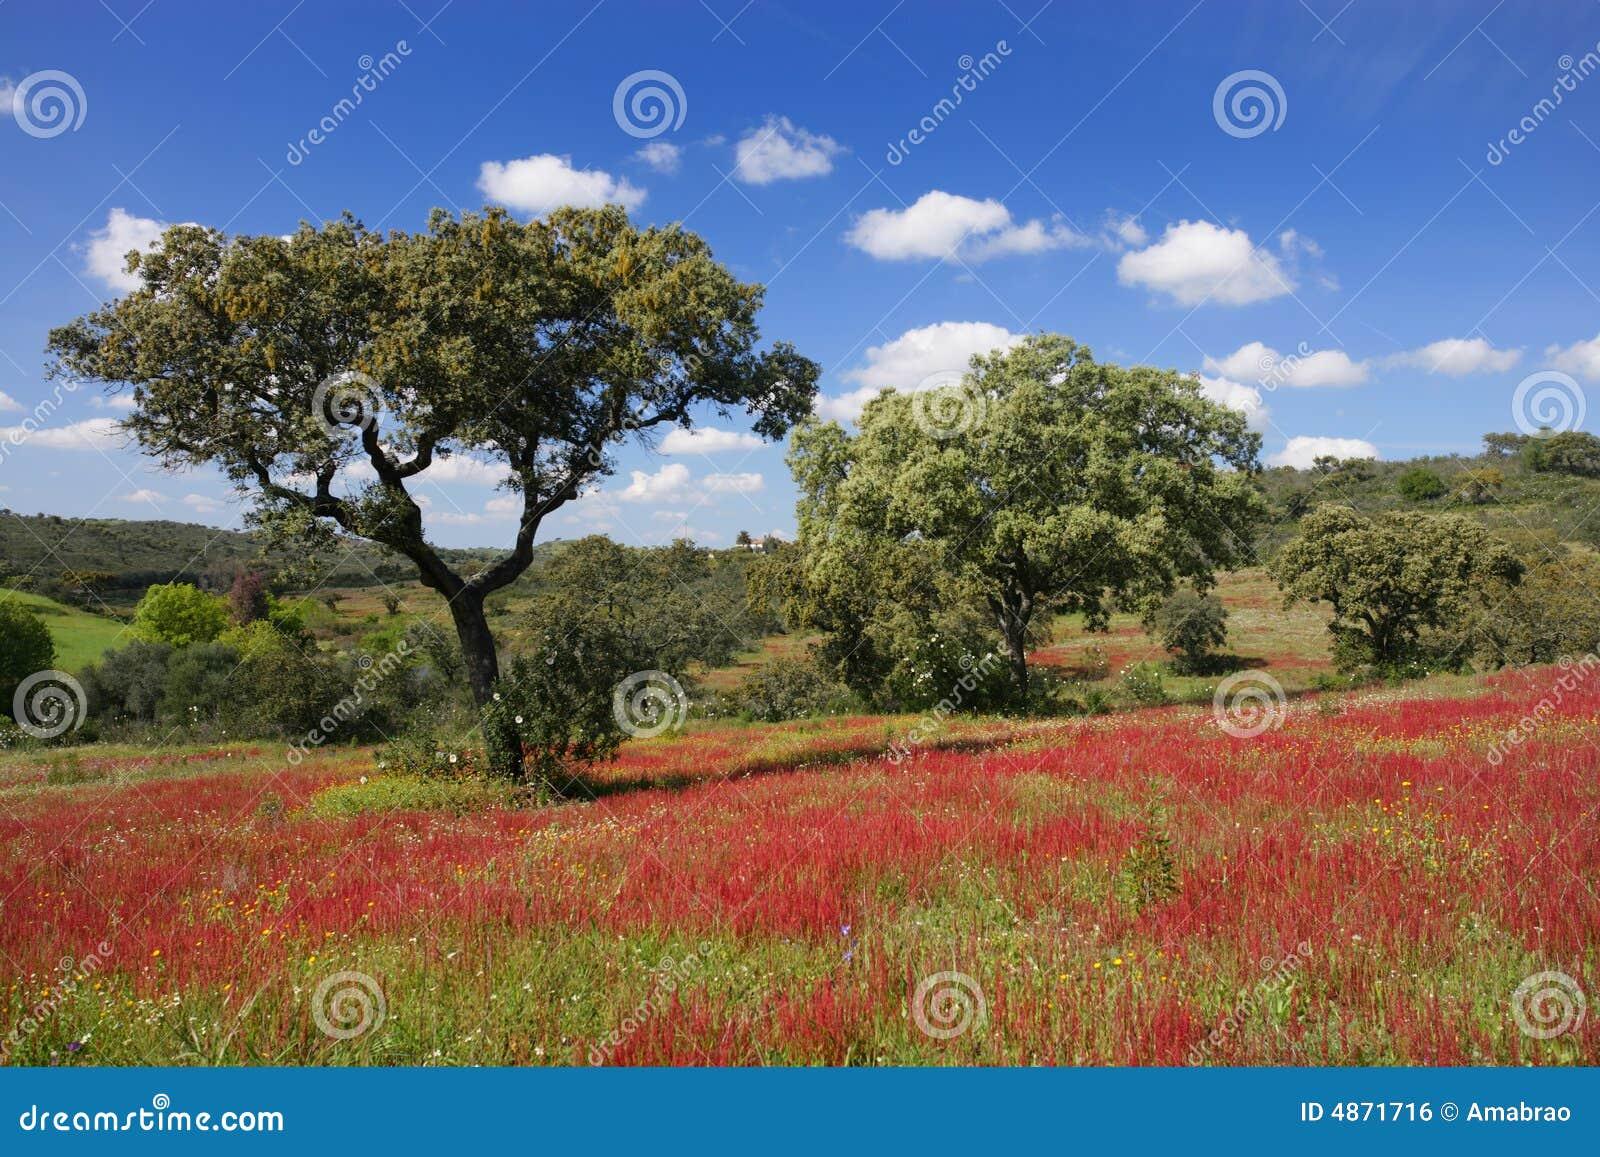 Paysage vert et rouge image libre de droits image 4871716 for Paysage vert